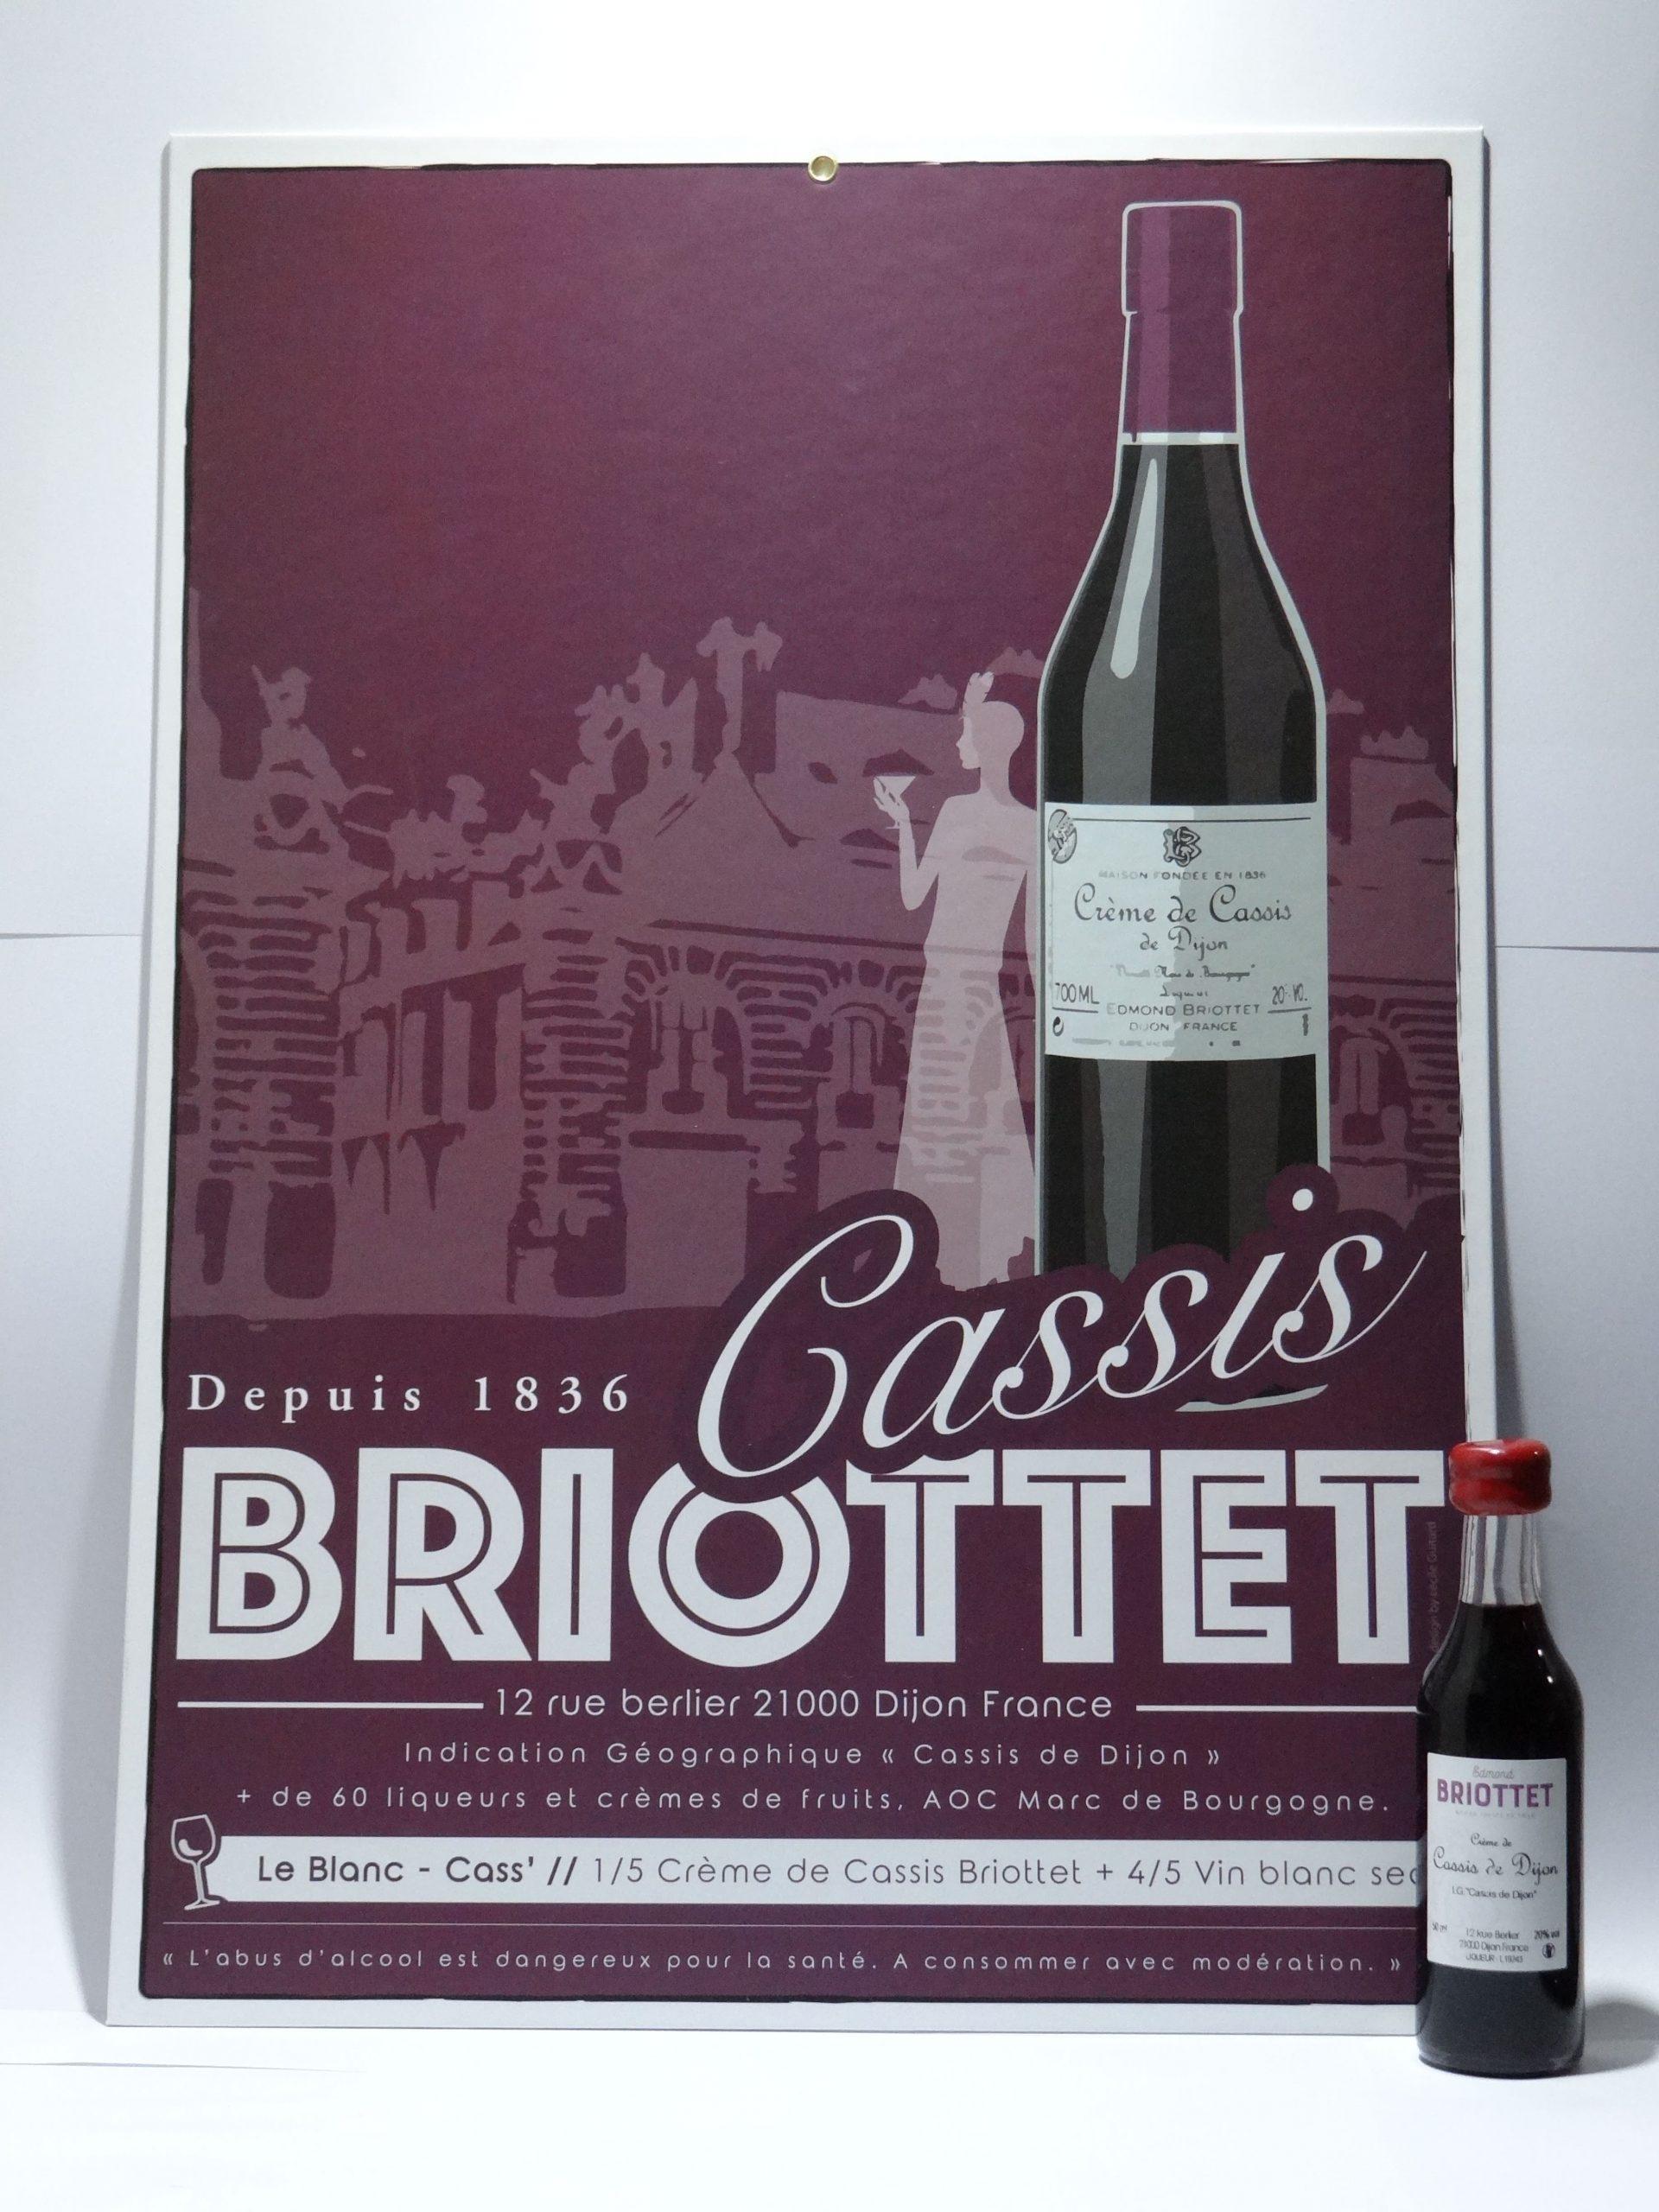 Affiche Briottet